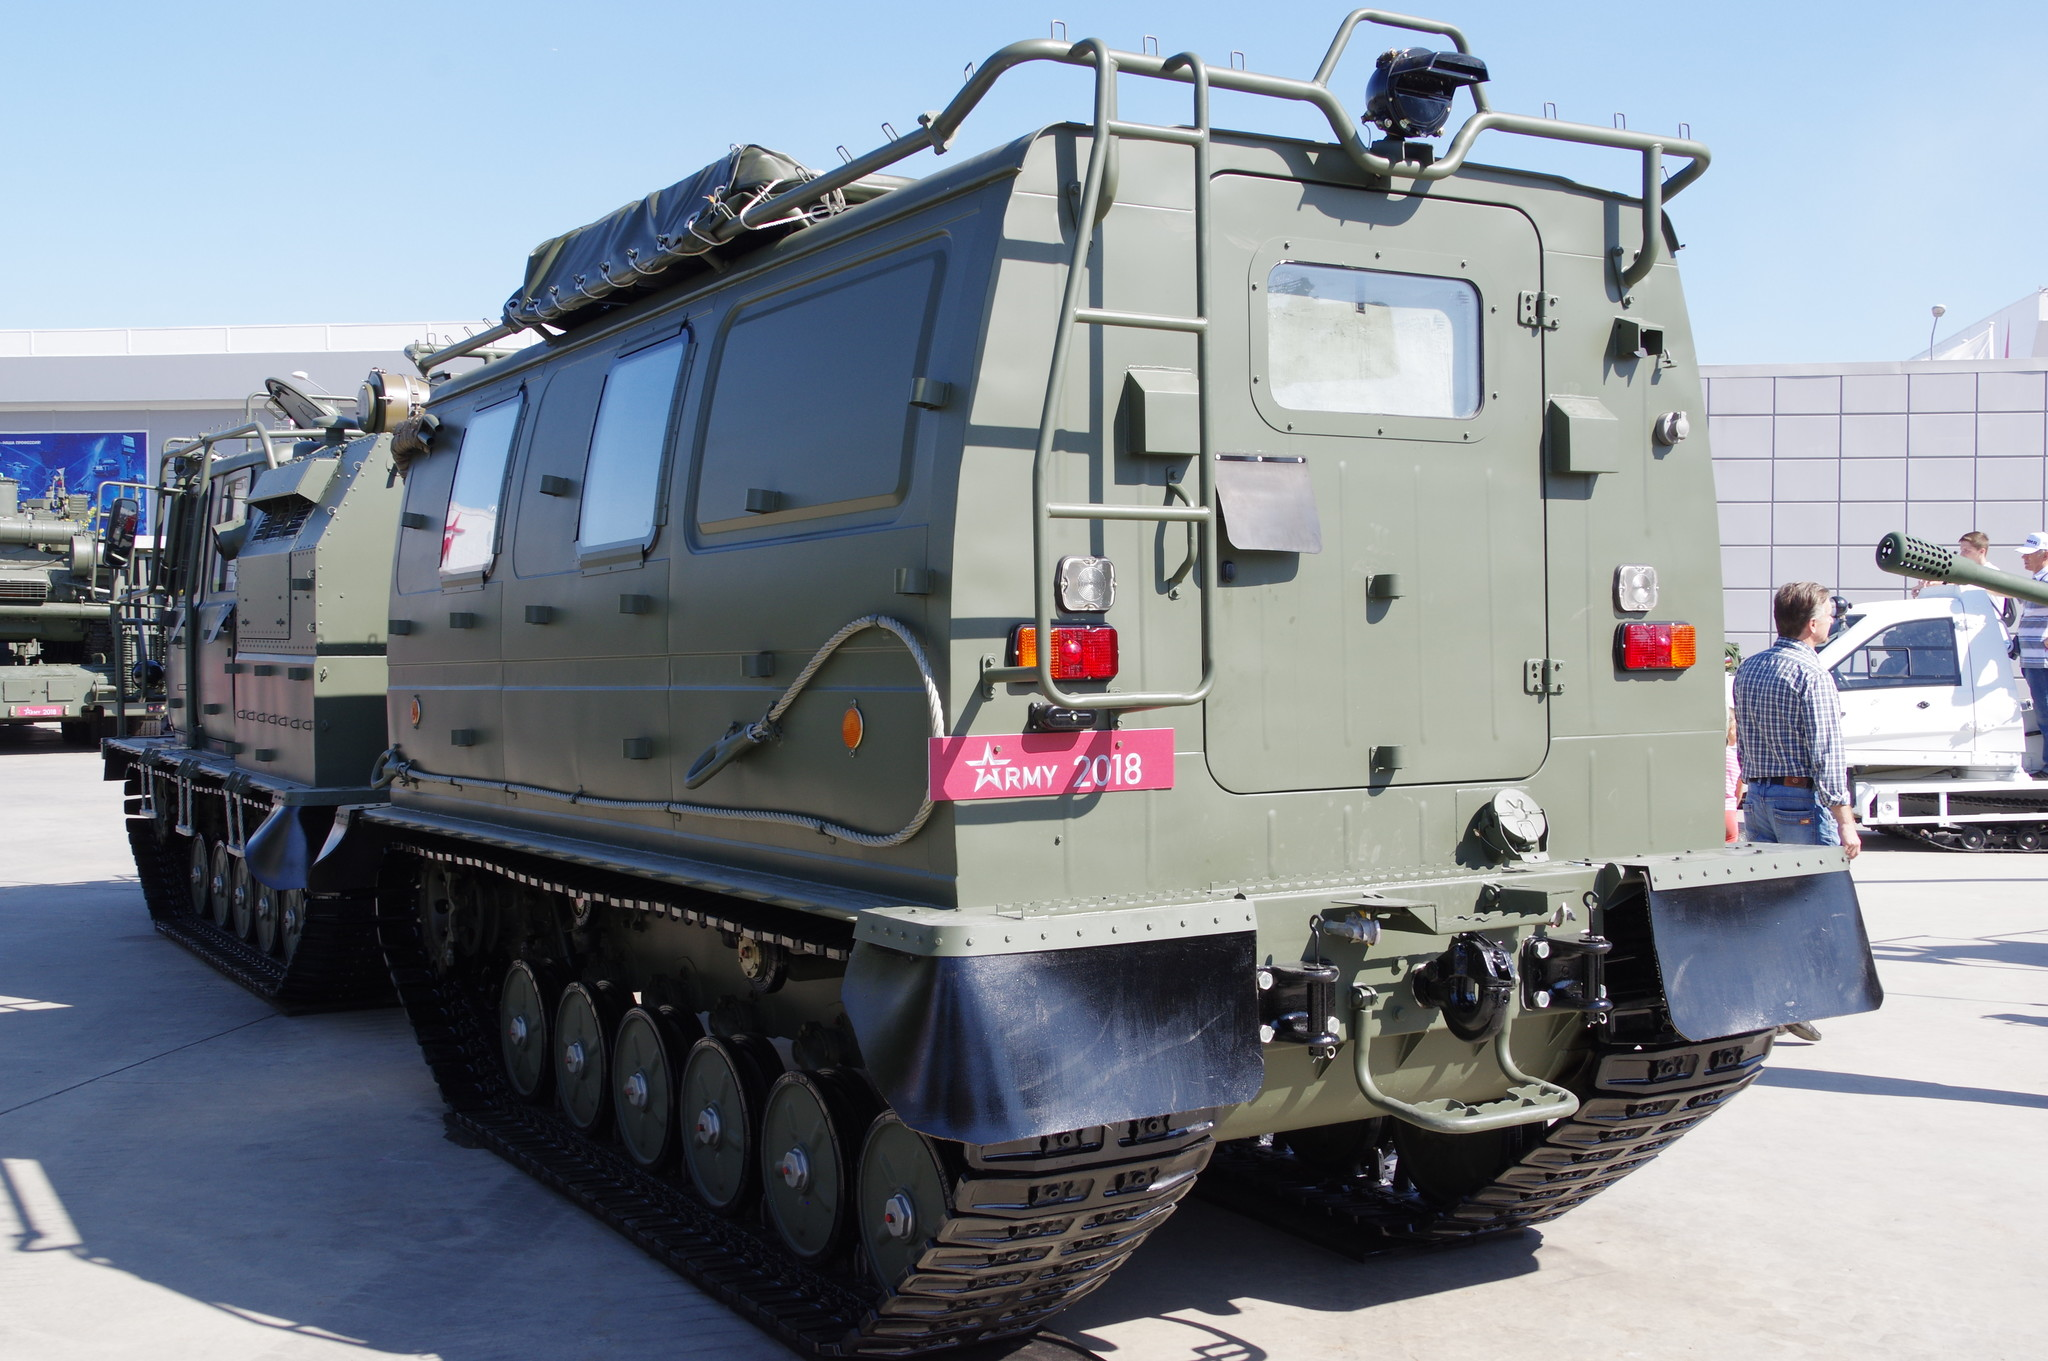 Двухзвенный гусеничный транспортёр-тягач снегоболотоходный плавающий лёгкой категории по массе ГАЗ-3344-20